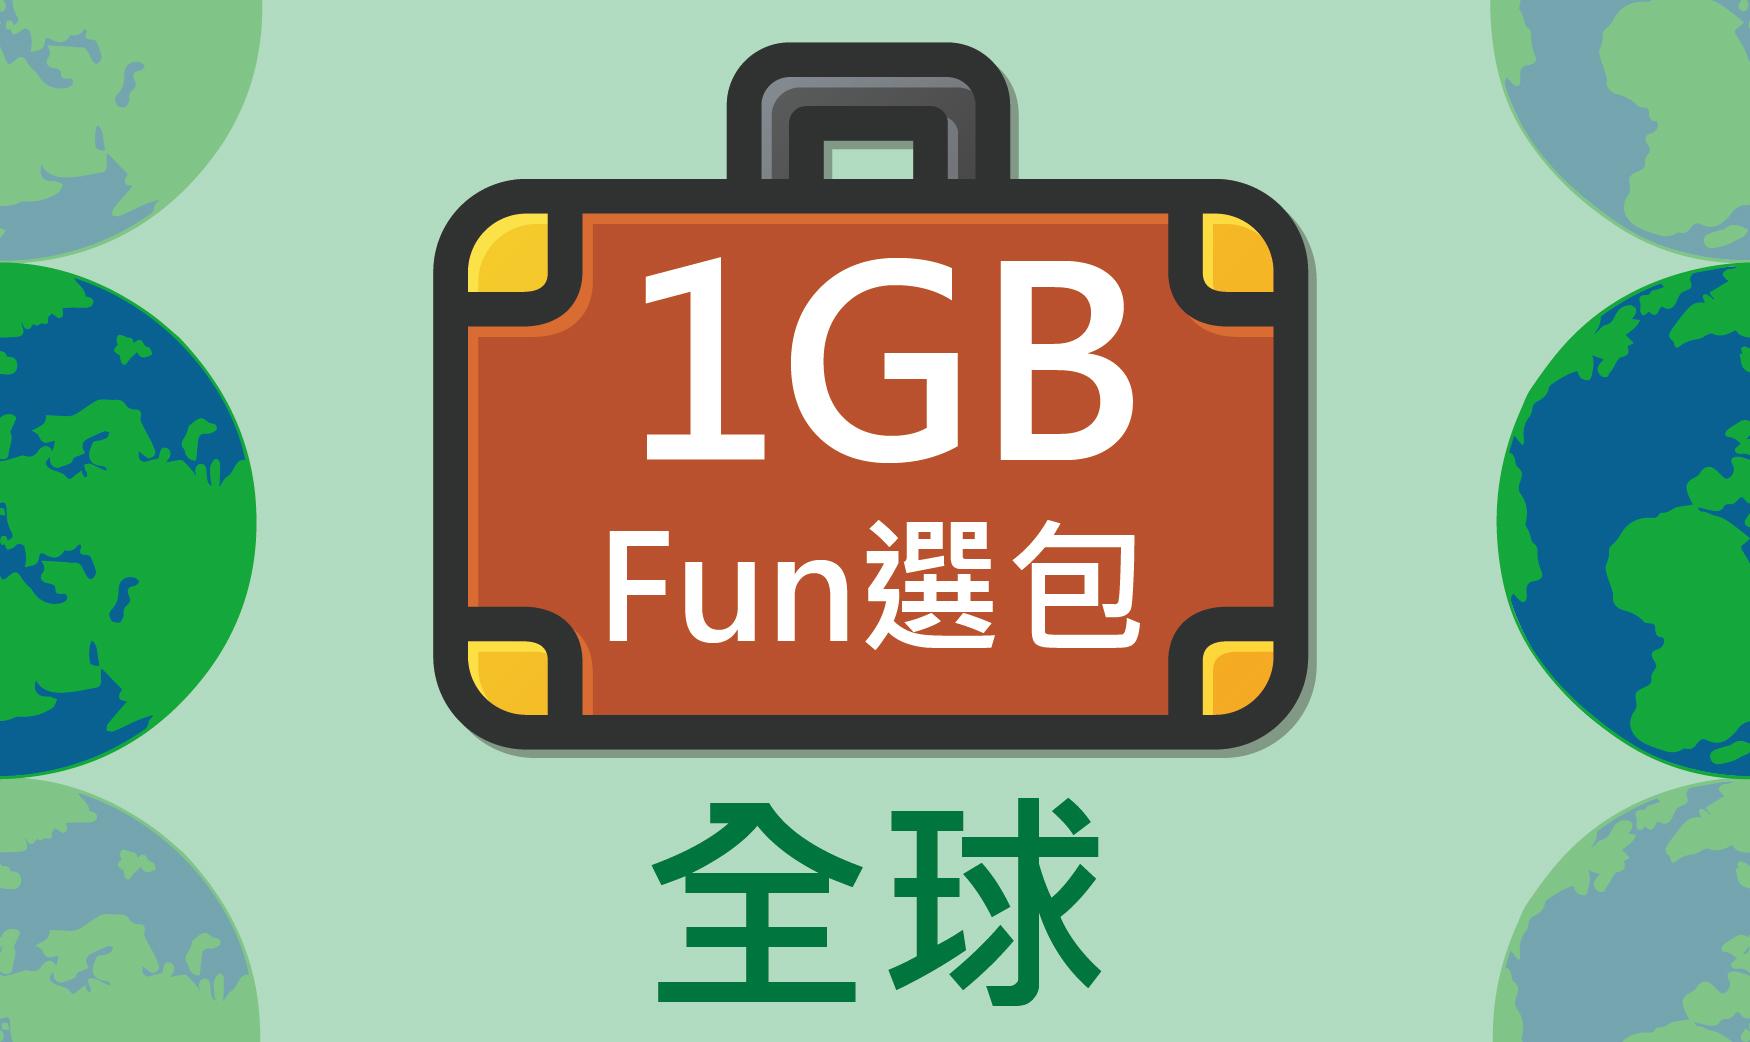 Fun選包全球-1G